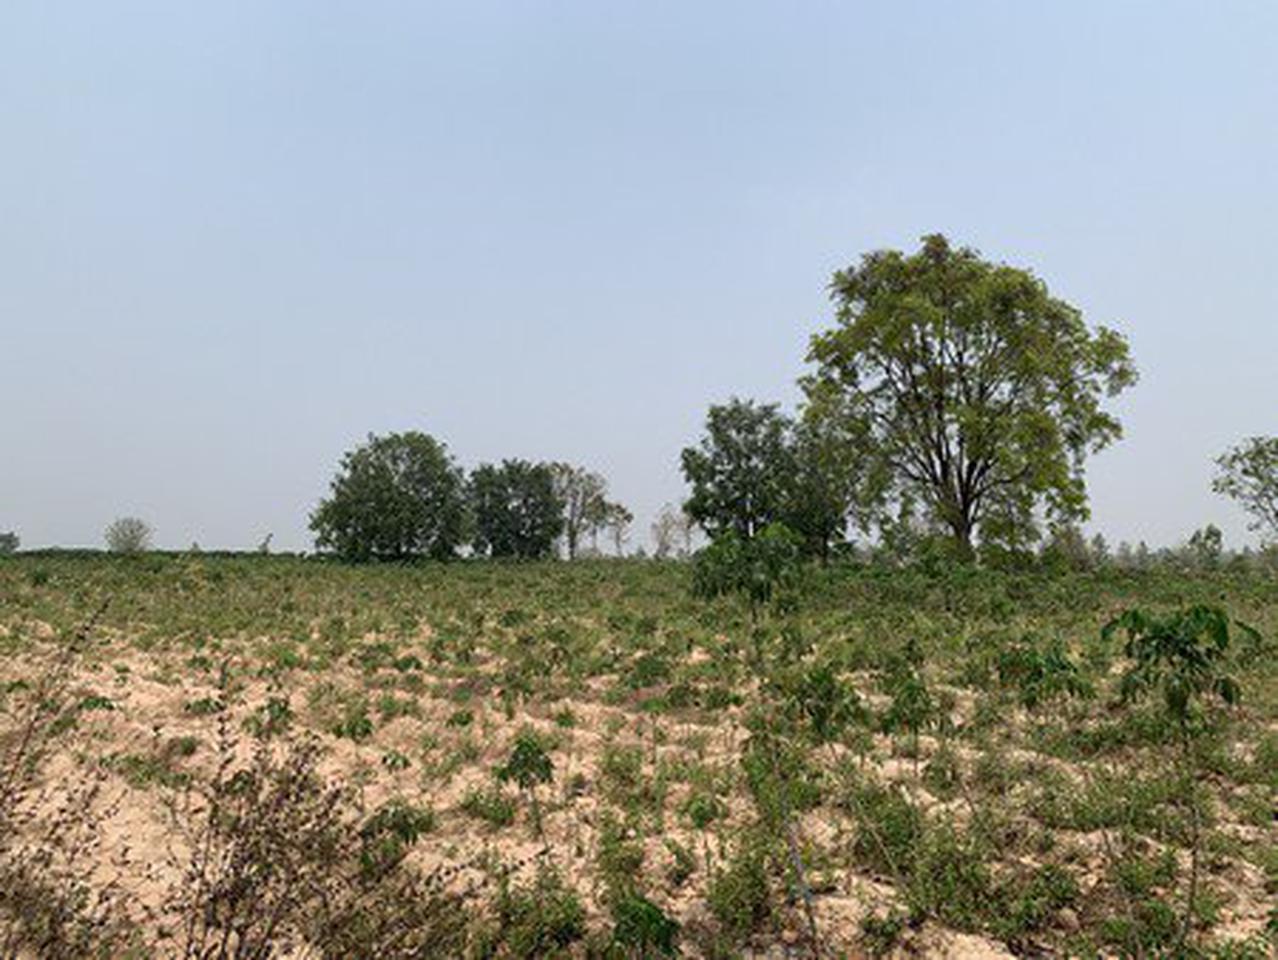 ขายที่ดินเปล่า บ้านโนนรัง จังหวัดขอนแก่น เนื้อที่ 29 ไร่ 3 งาน 30 ตารางวา รูปที่ 1